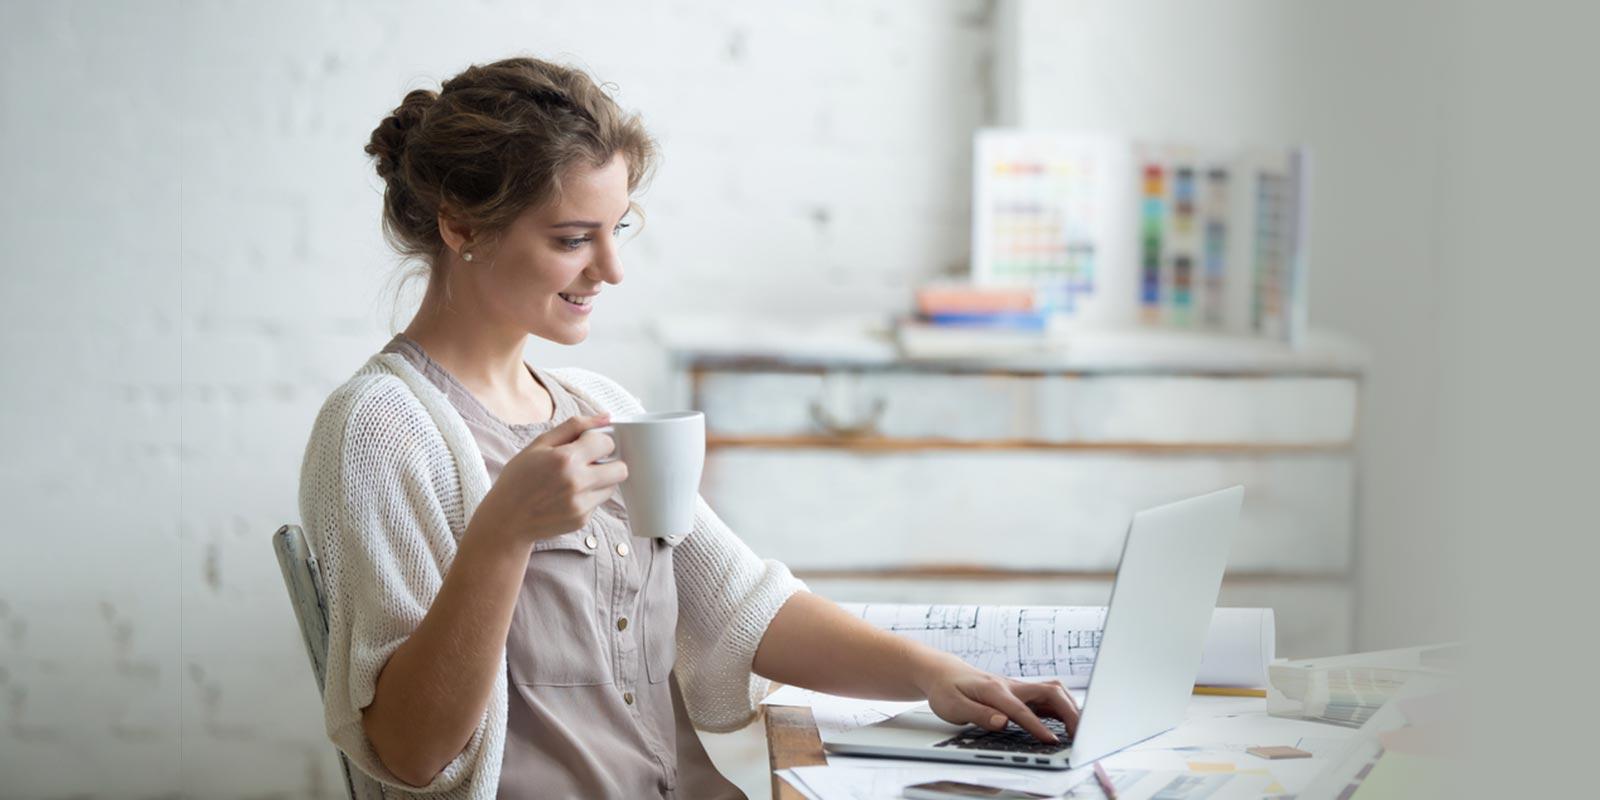 Entrepreneur reviewing her business metrics